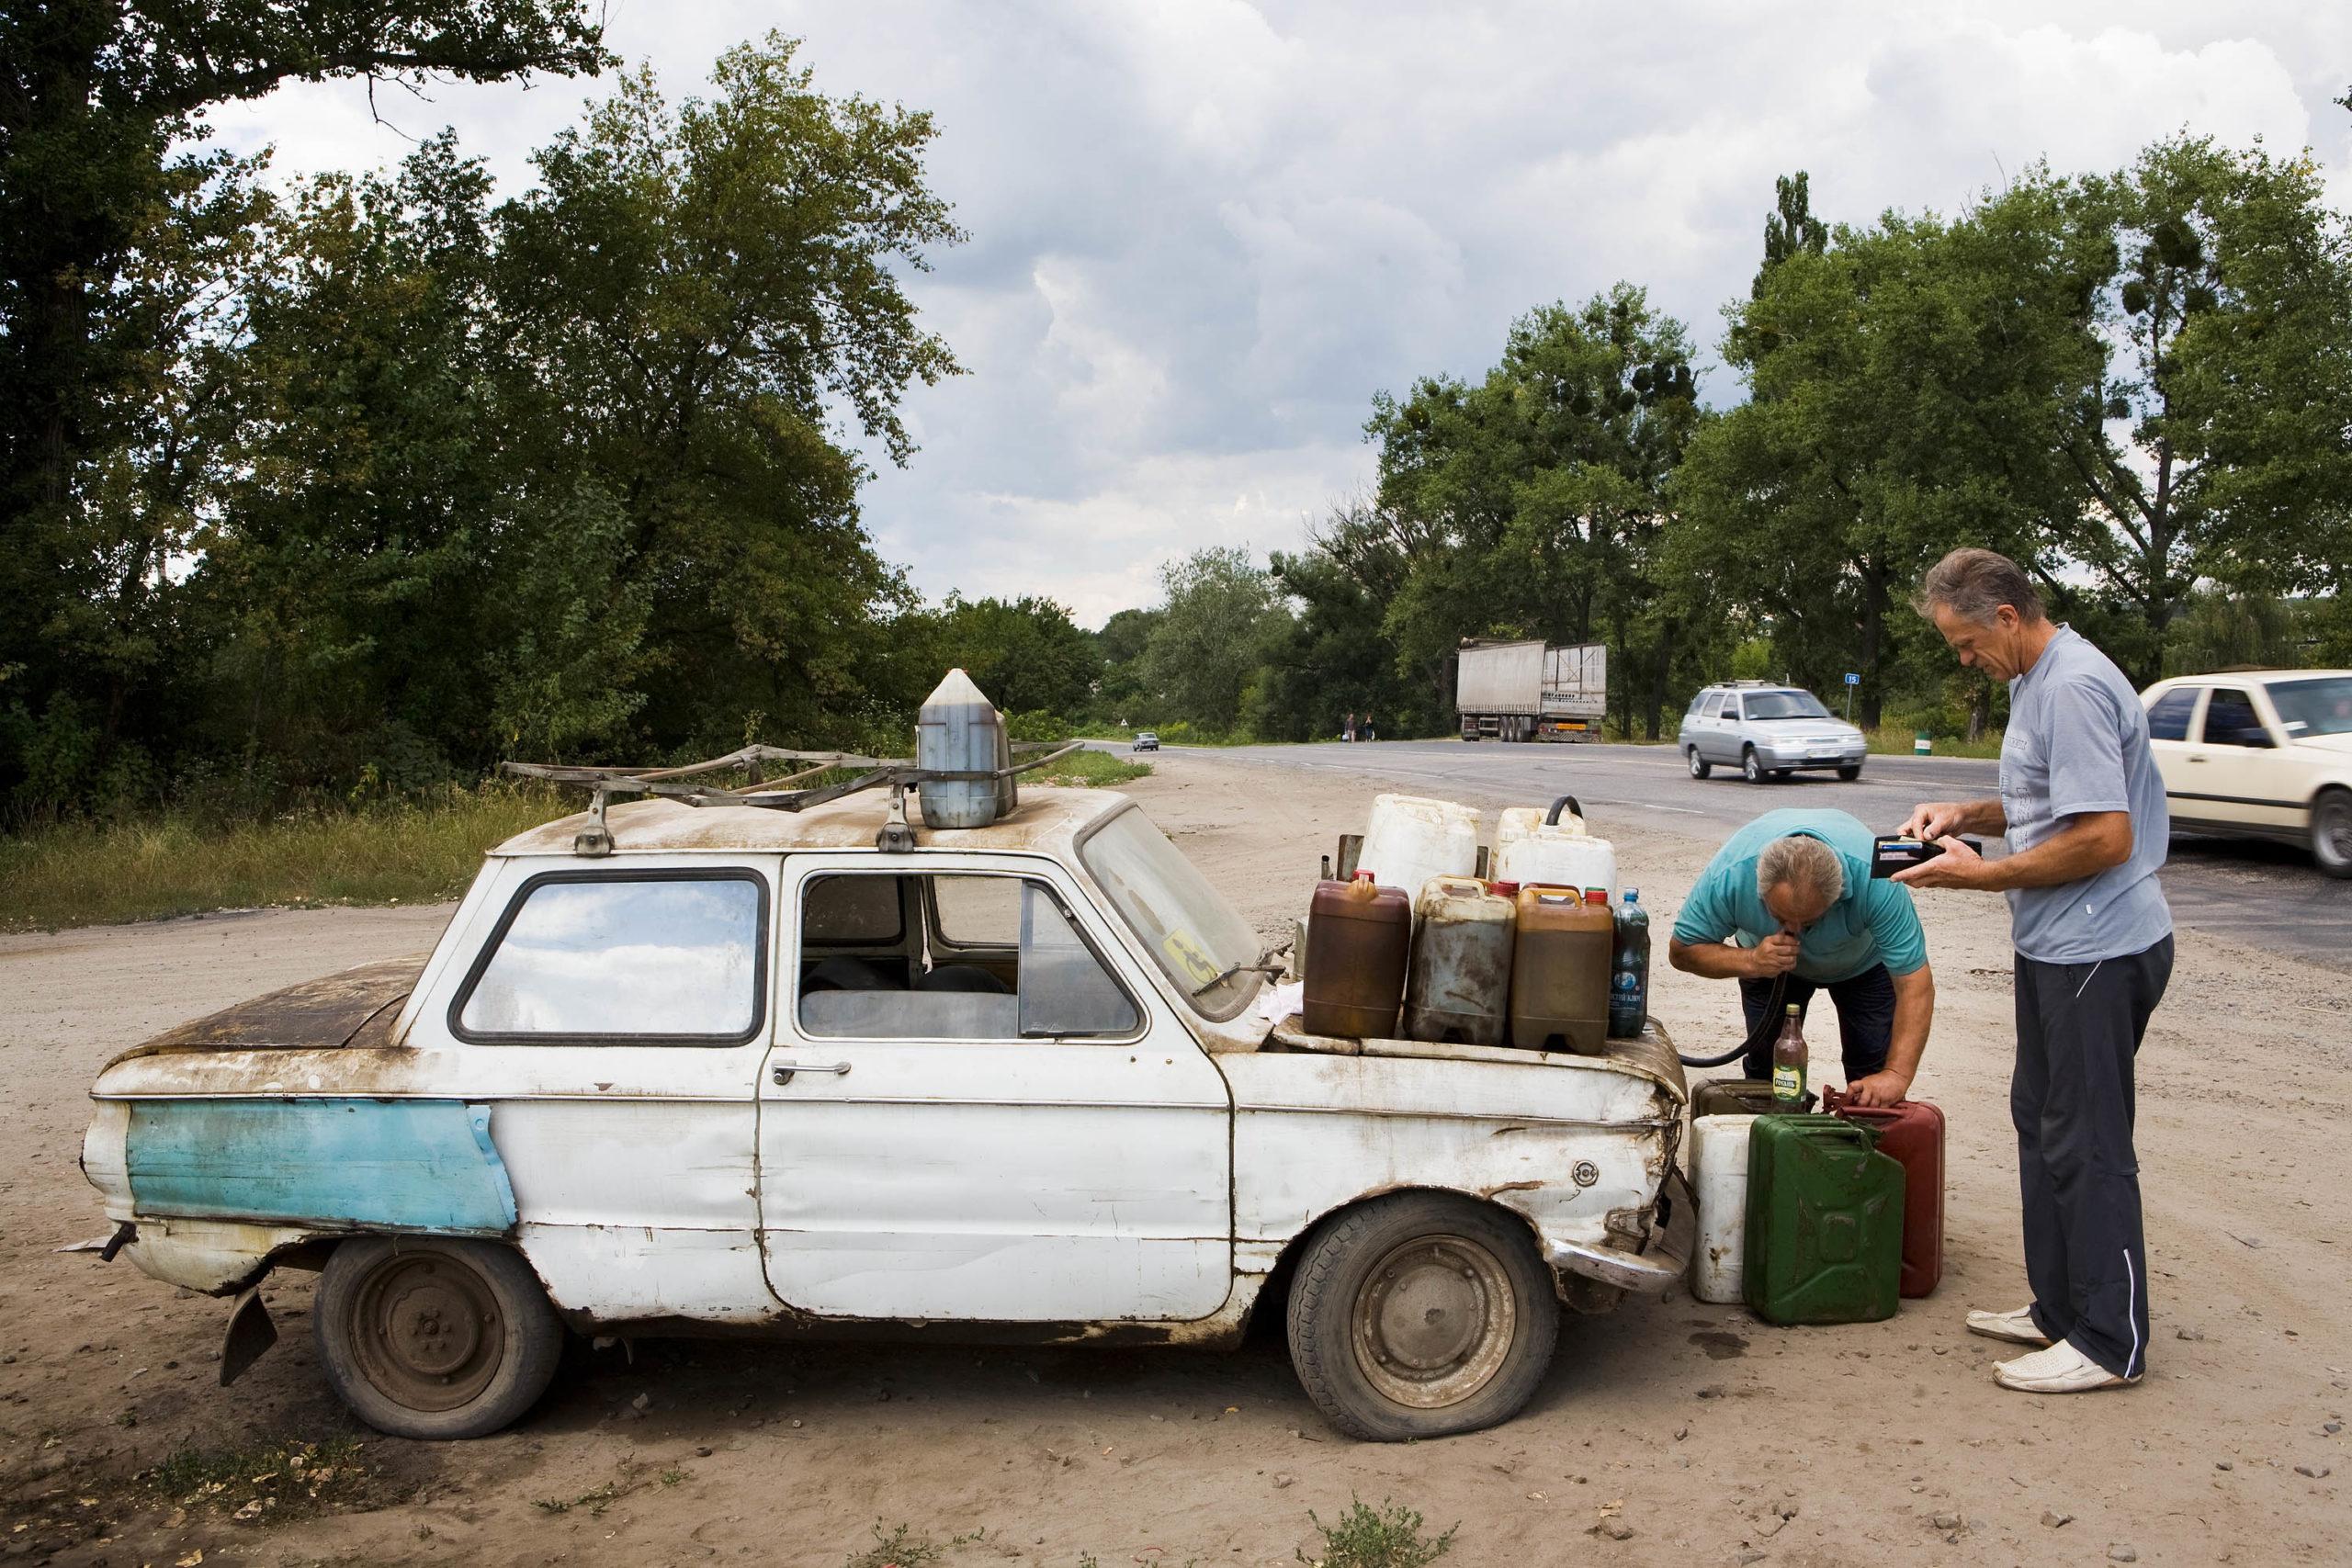 Zaporozhets. Leonti Michailovitsj sells stolen diesel from his car. Karatsjivka, Ukraine, 2008